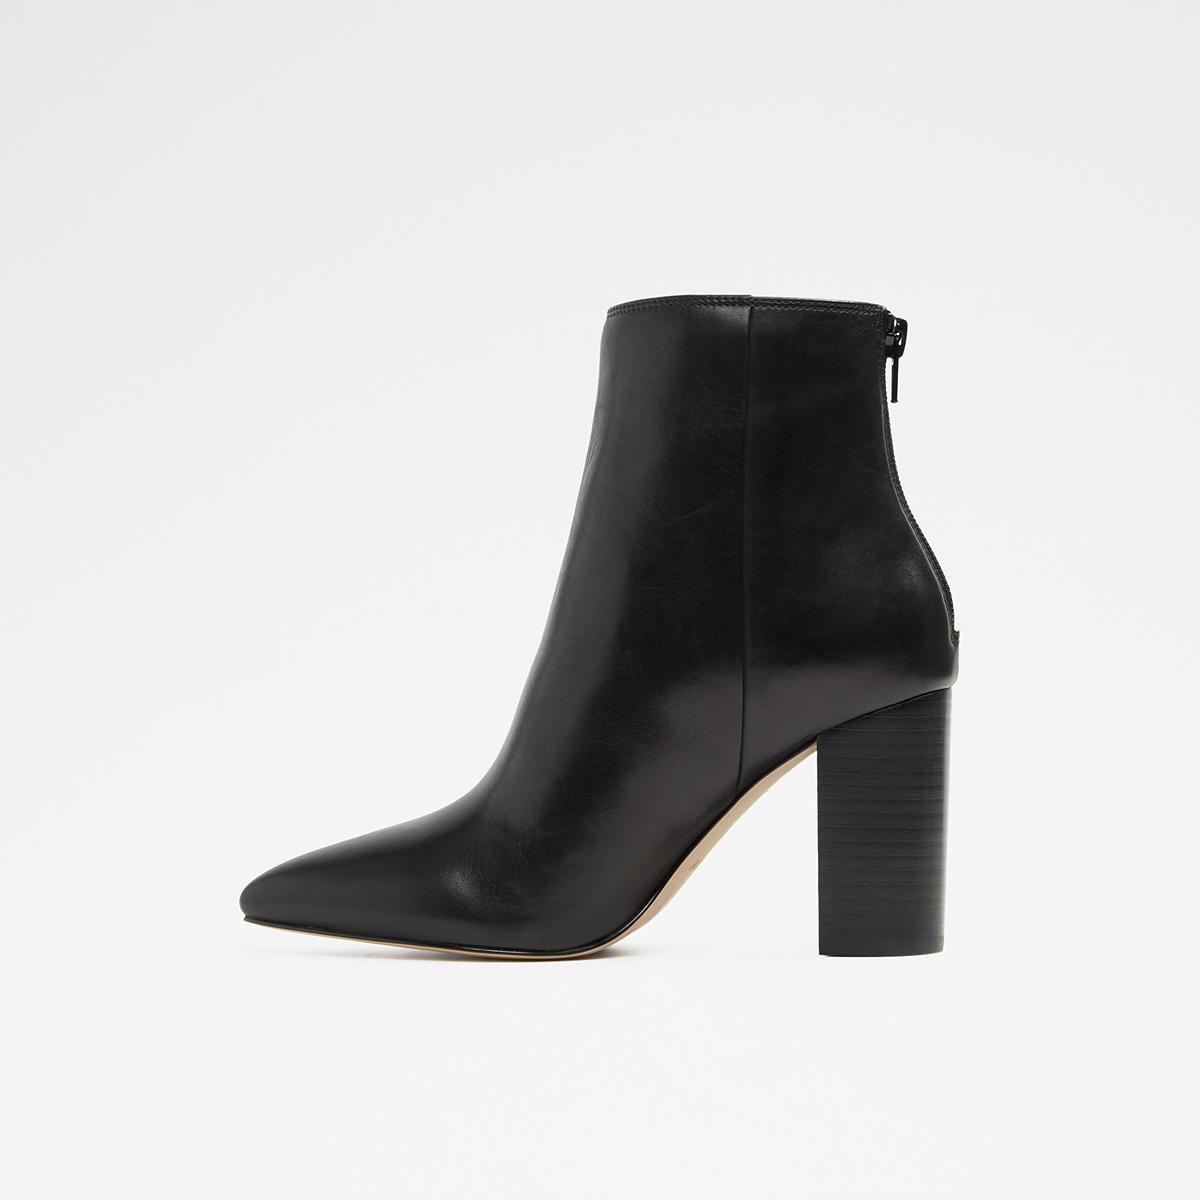 Alendadia Dress Black Women's Us Boots x74F80